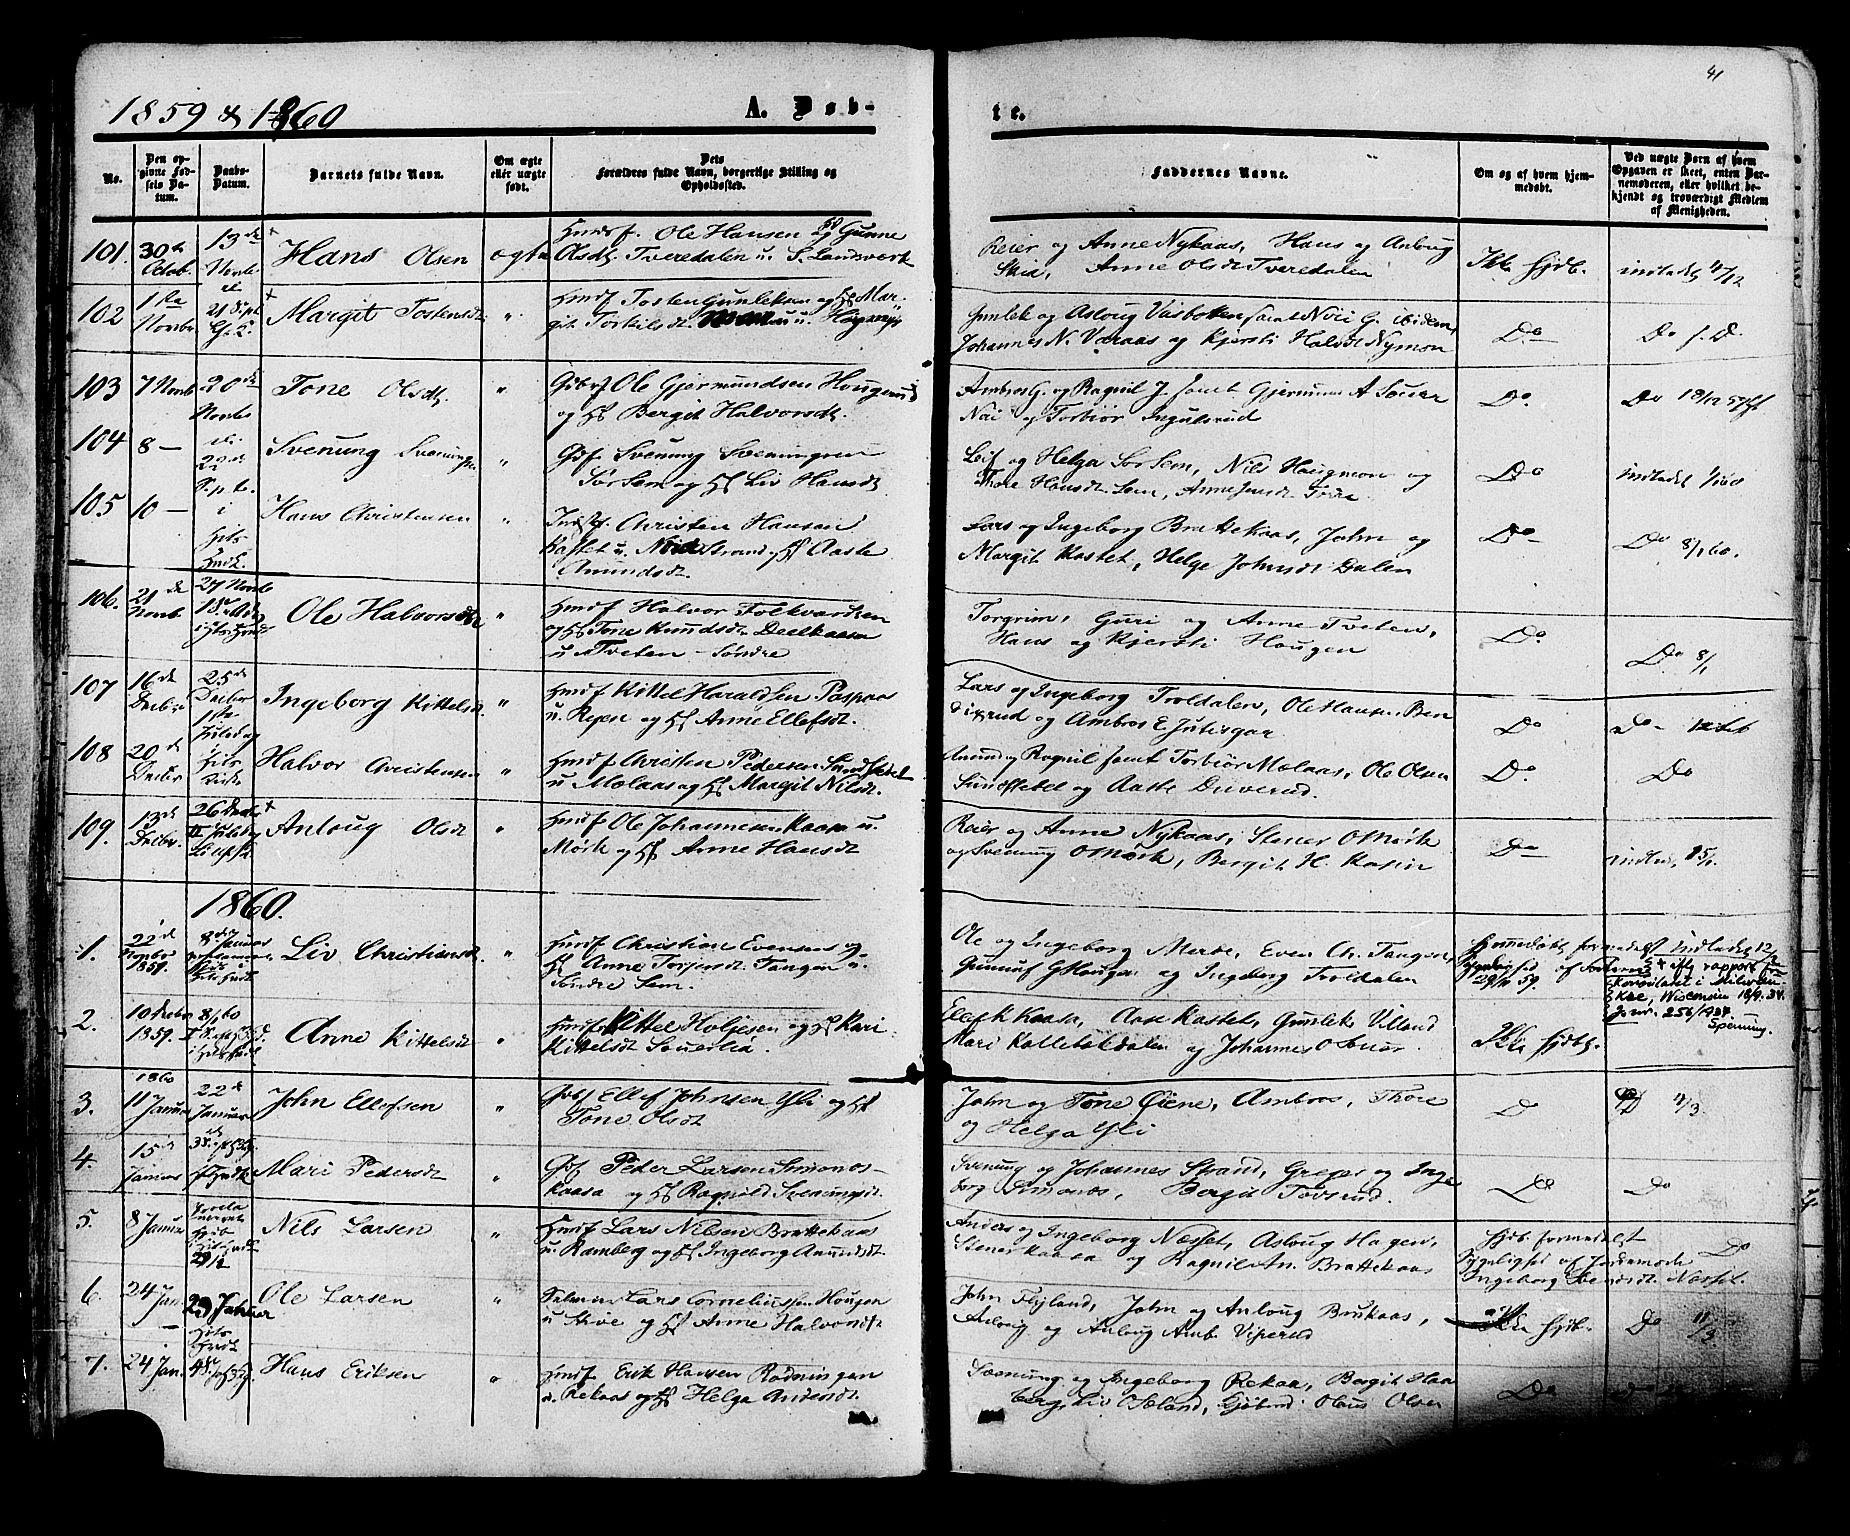 SAKO, Heddal kirkebøker, F/Fa/L0007: Ministerialbok nr. I 7, 1855-1877, s. 41